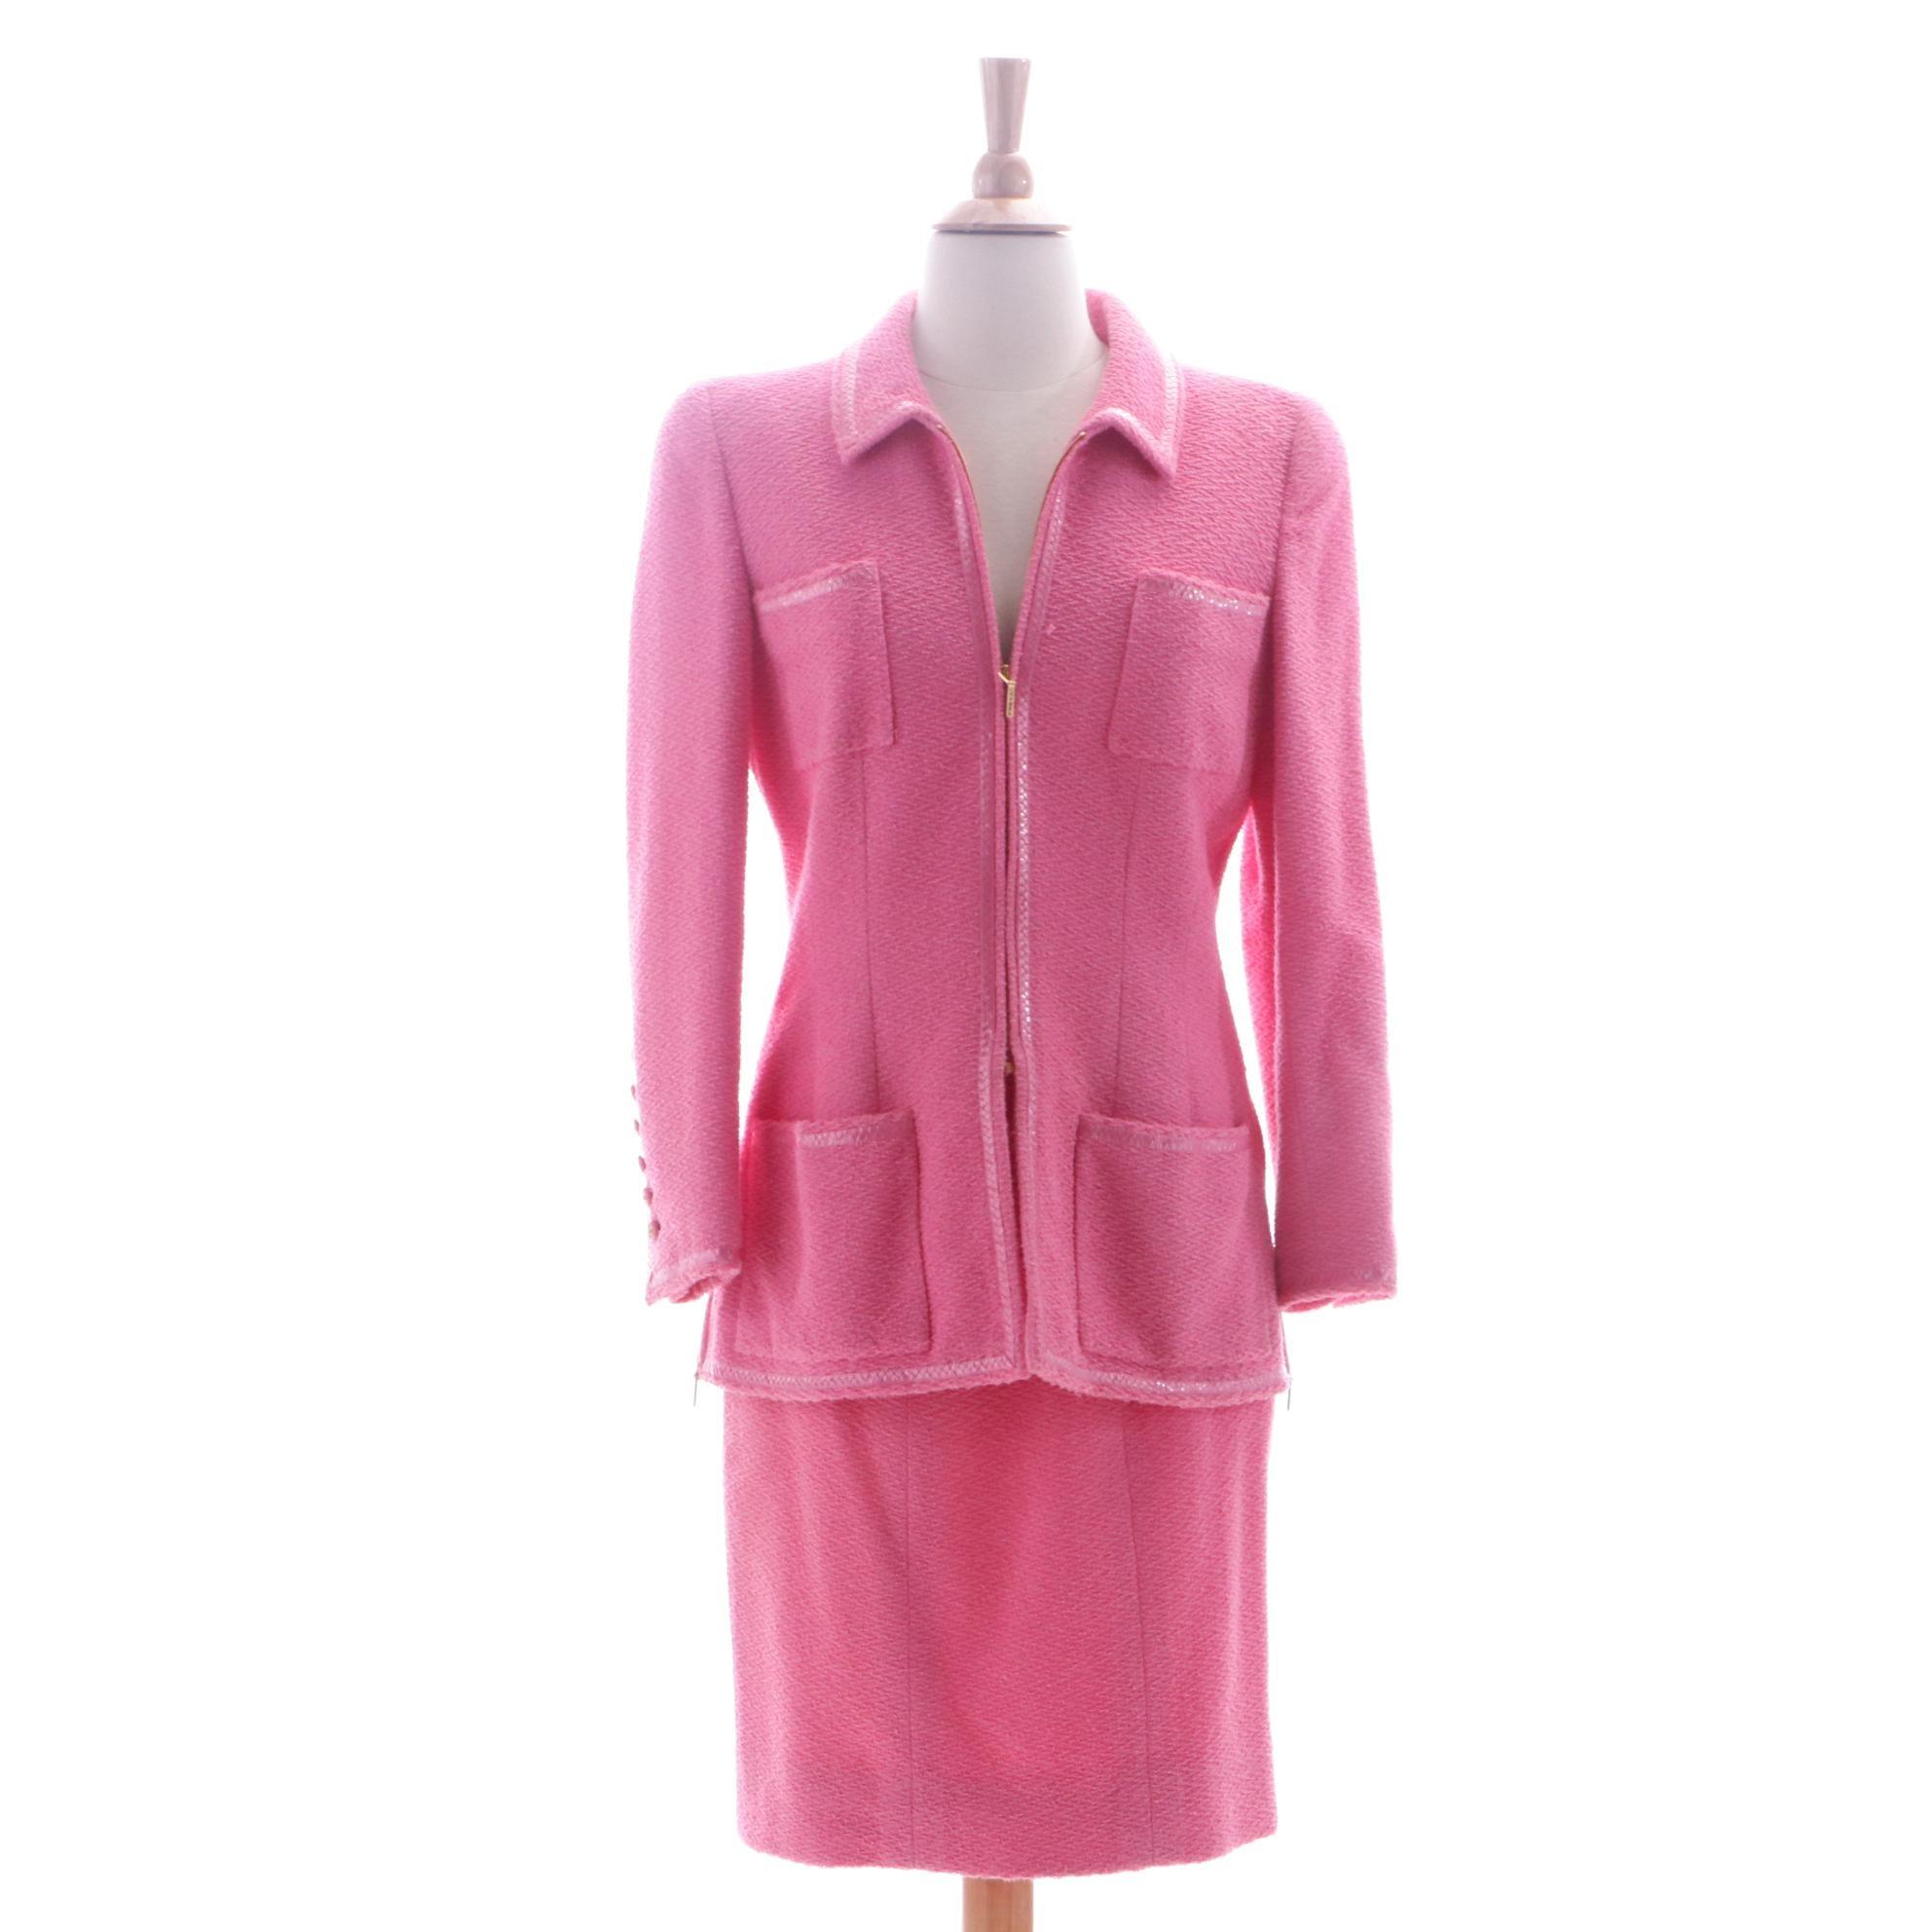 Chanel Cotton Blend Skirt Suit